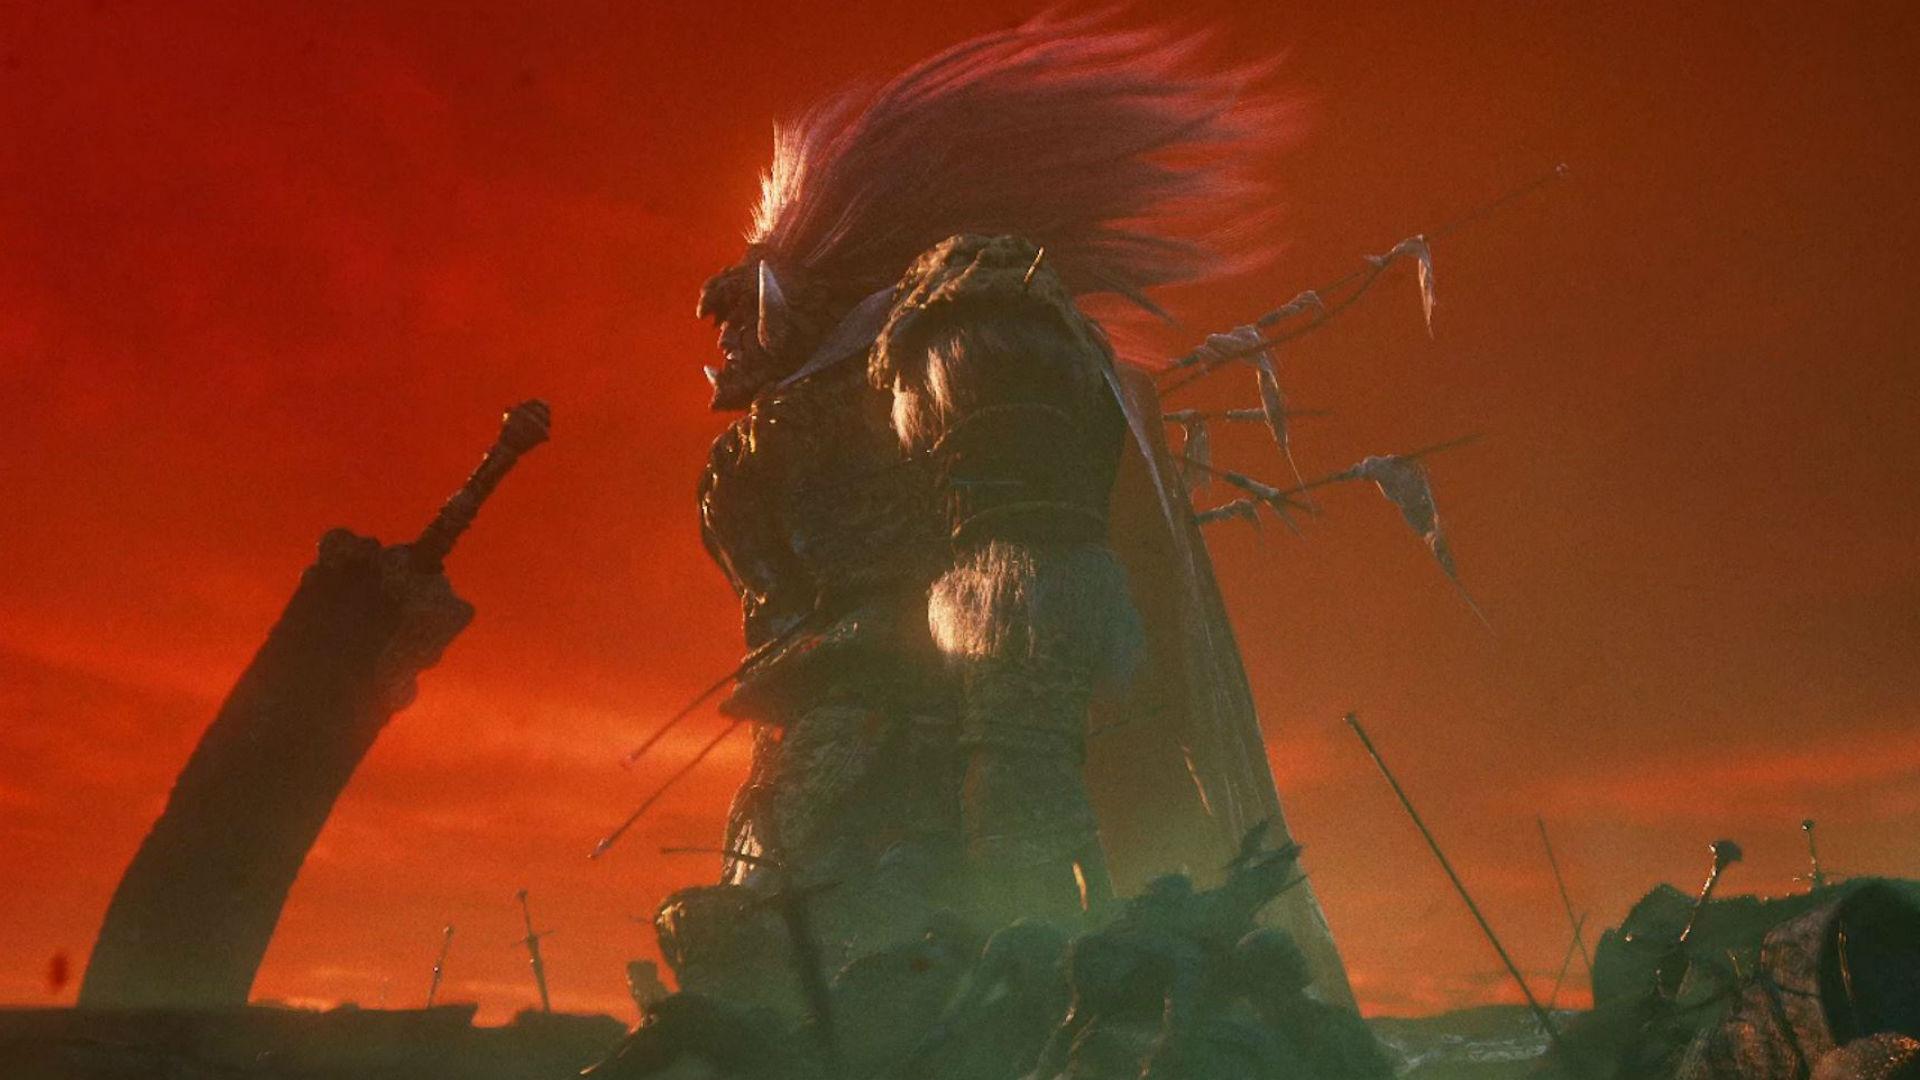 بازی Elden Ring در Gamescom 2019 حضور نخواهد داشت